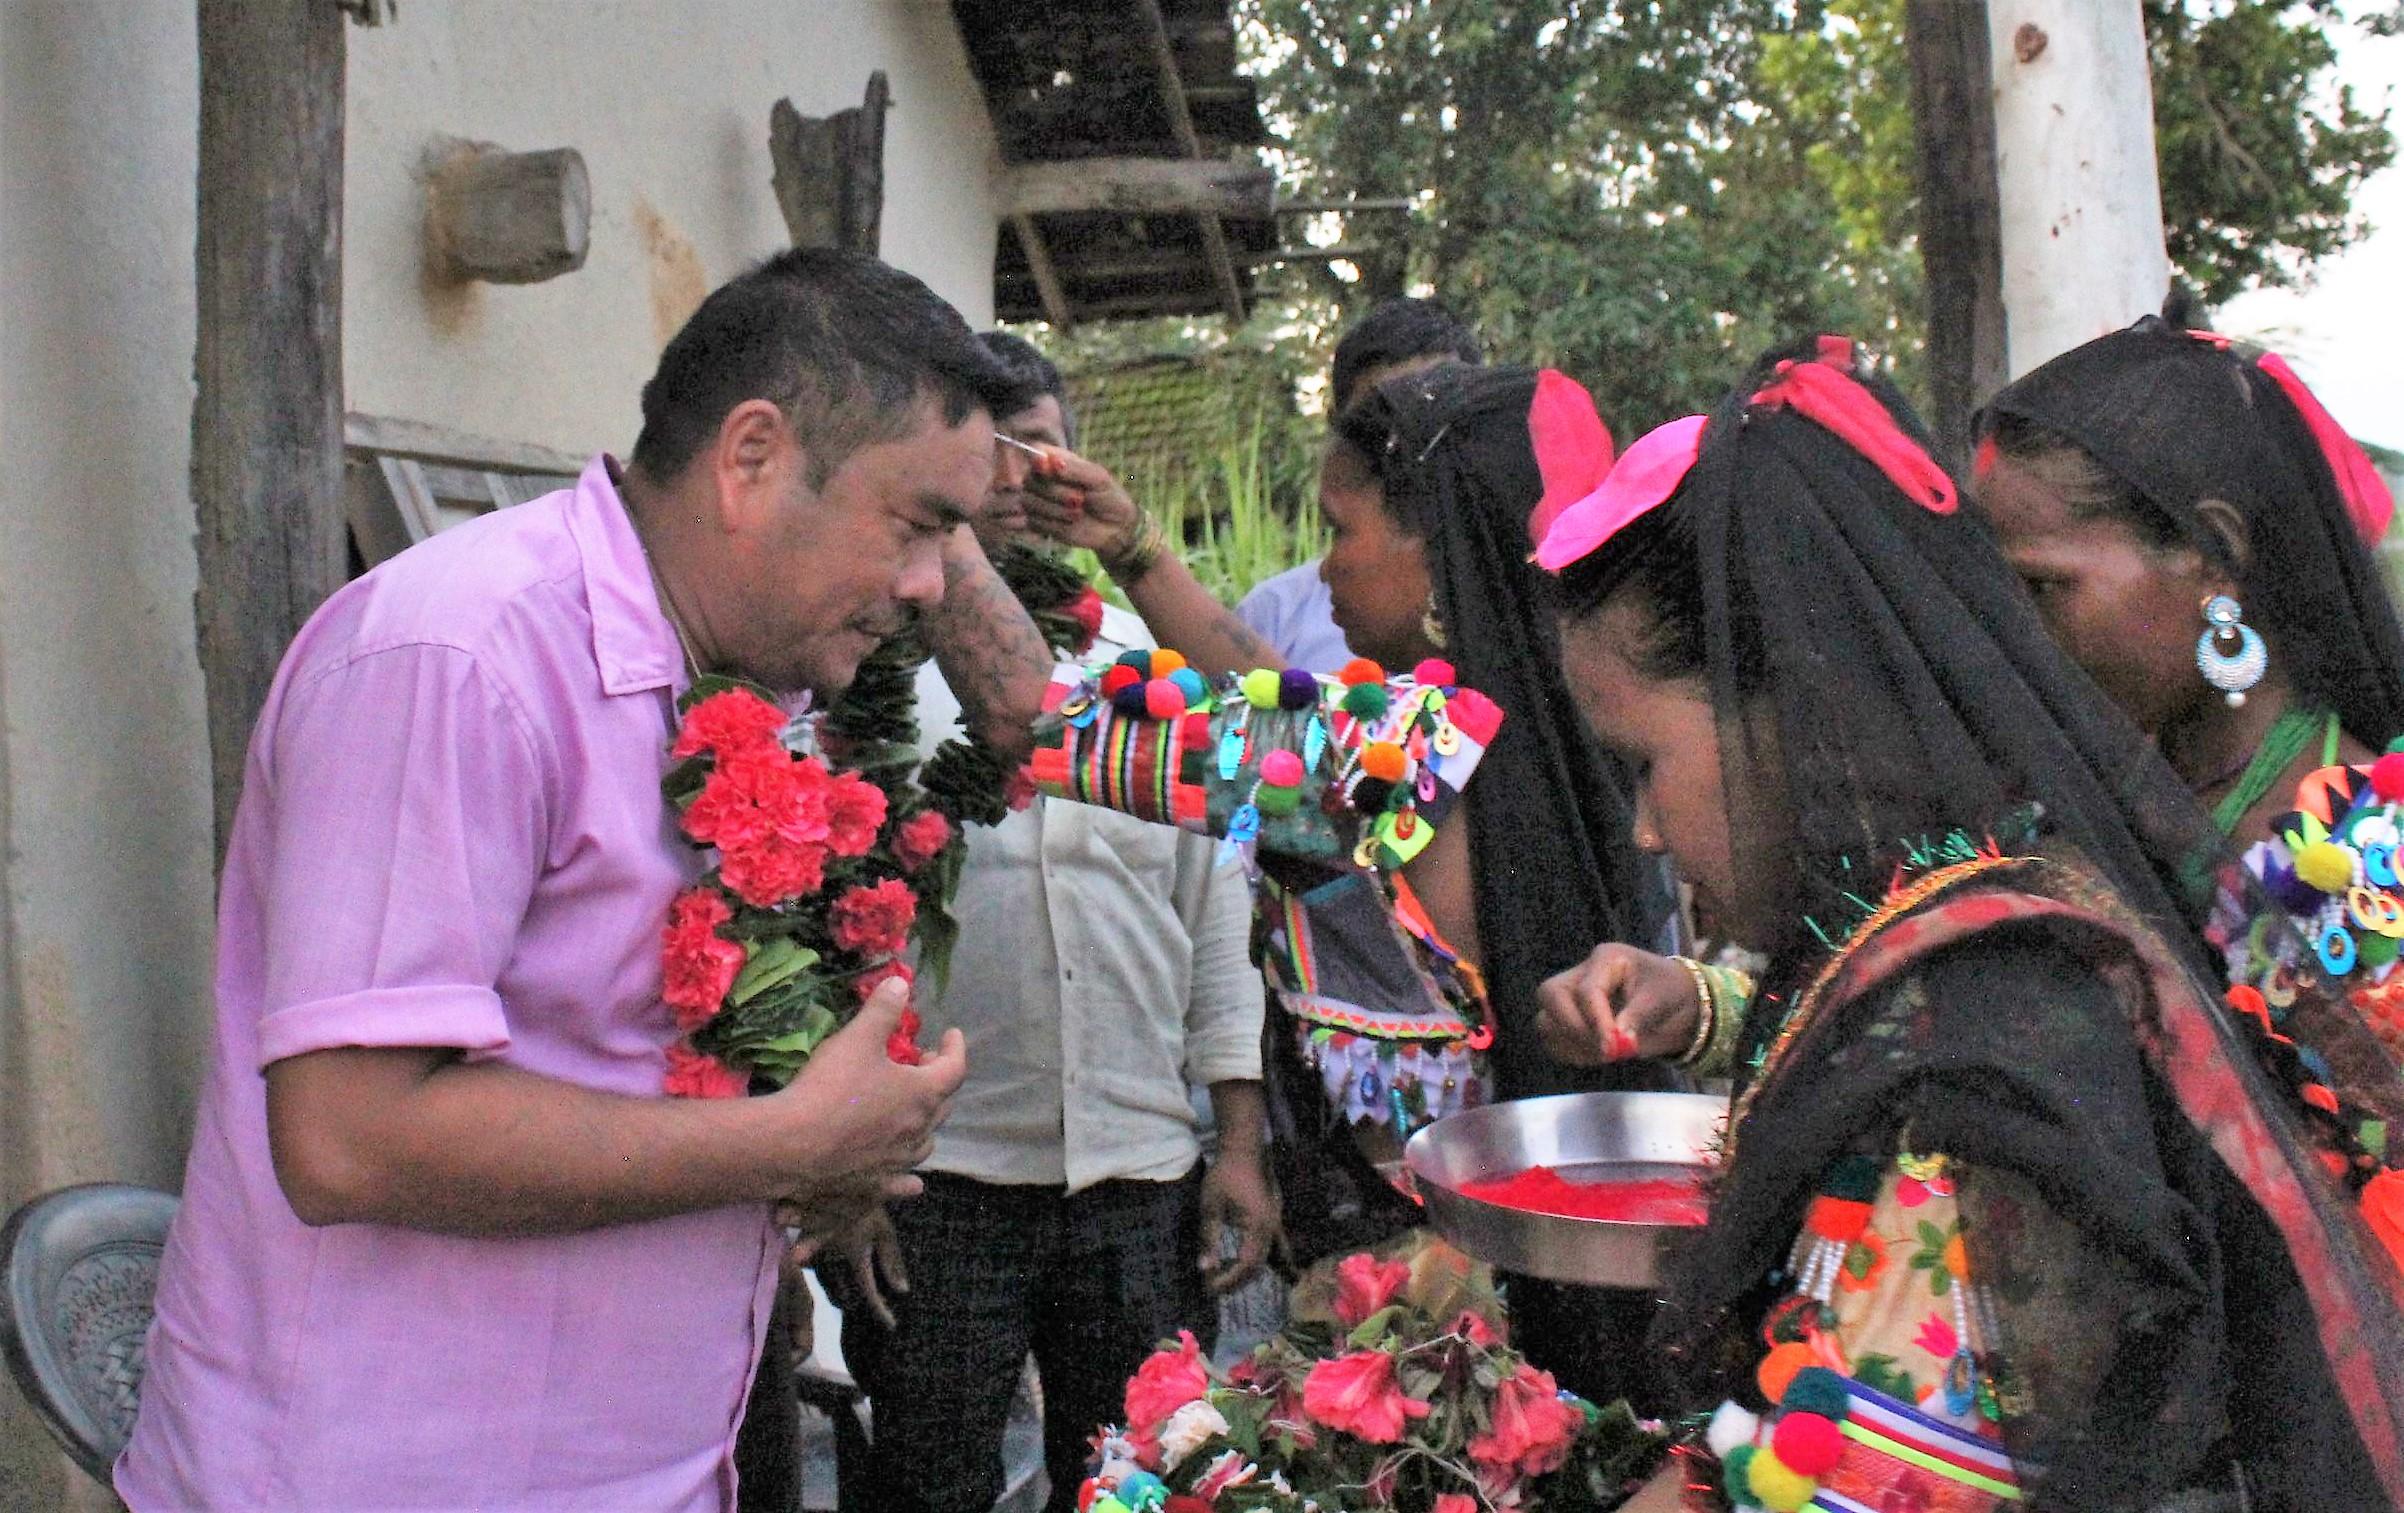 रानाथारु सामुदायमे तिजको रौनक ,चन्देव गाउँमे सामनडोलाक उदघाटन